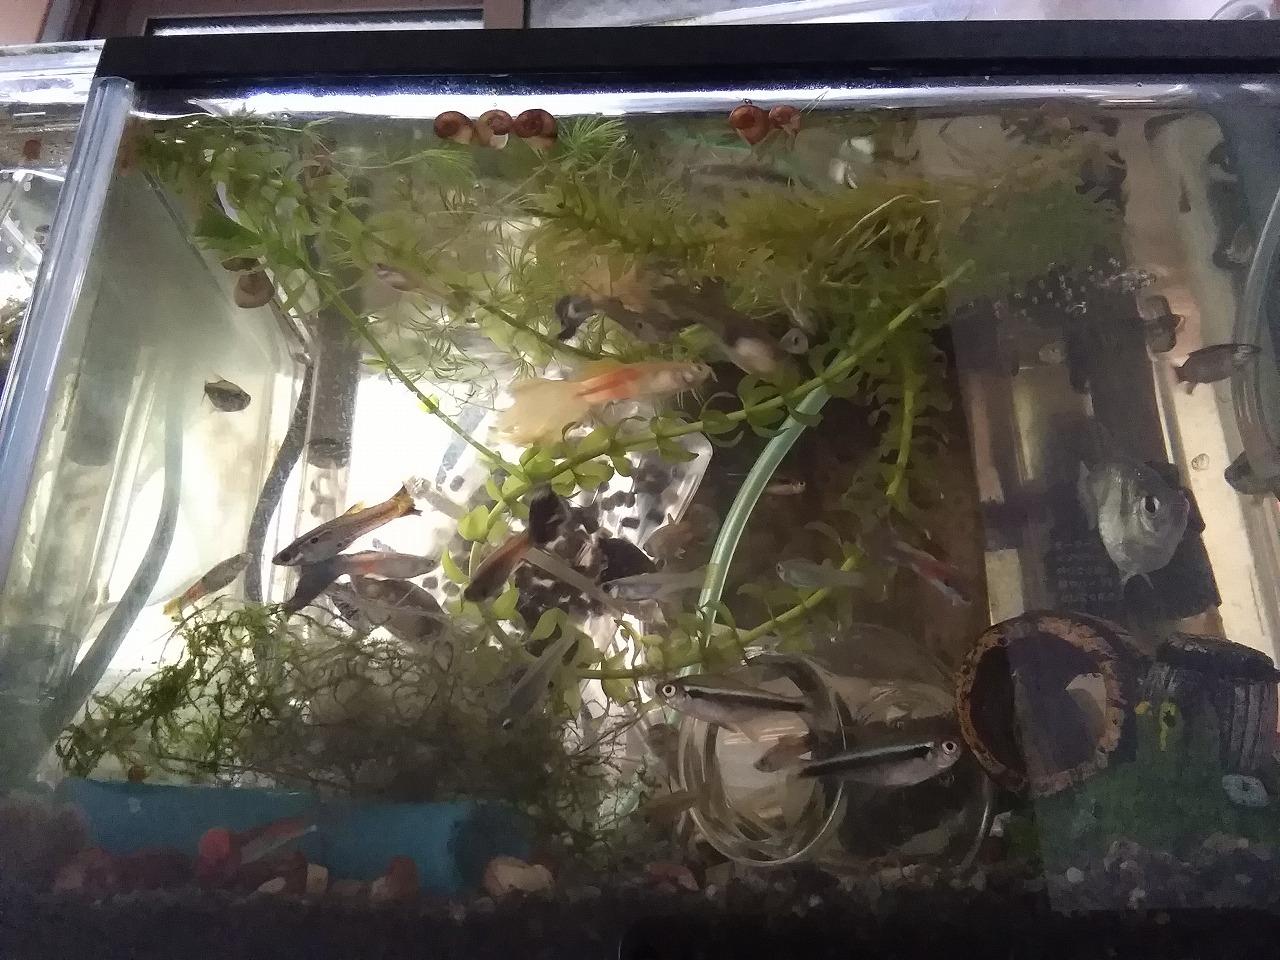 炭素繊維で10L過密飼育! 魚48匹に減少 アクアリウム20170507